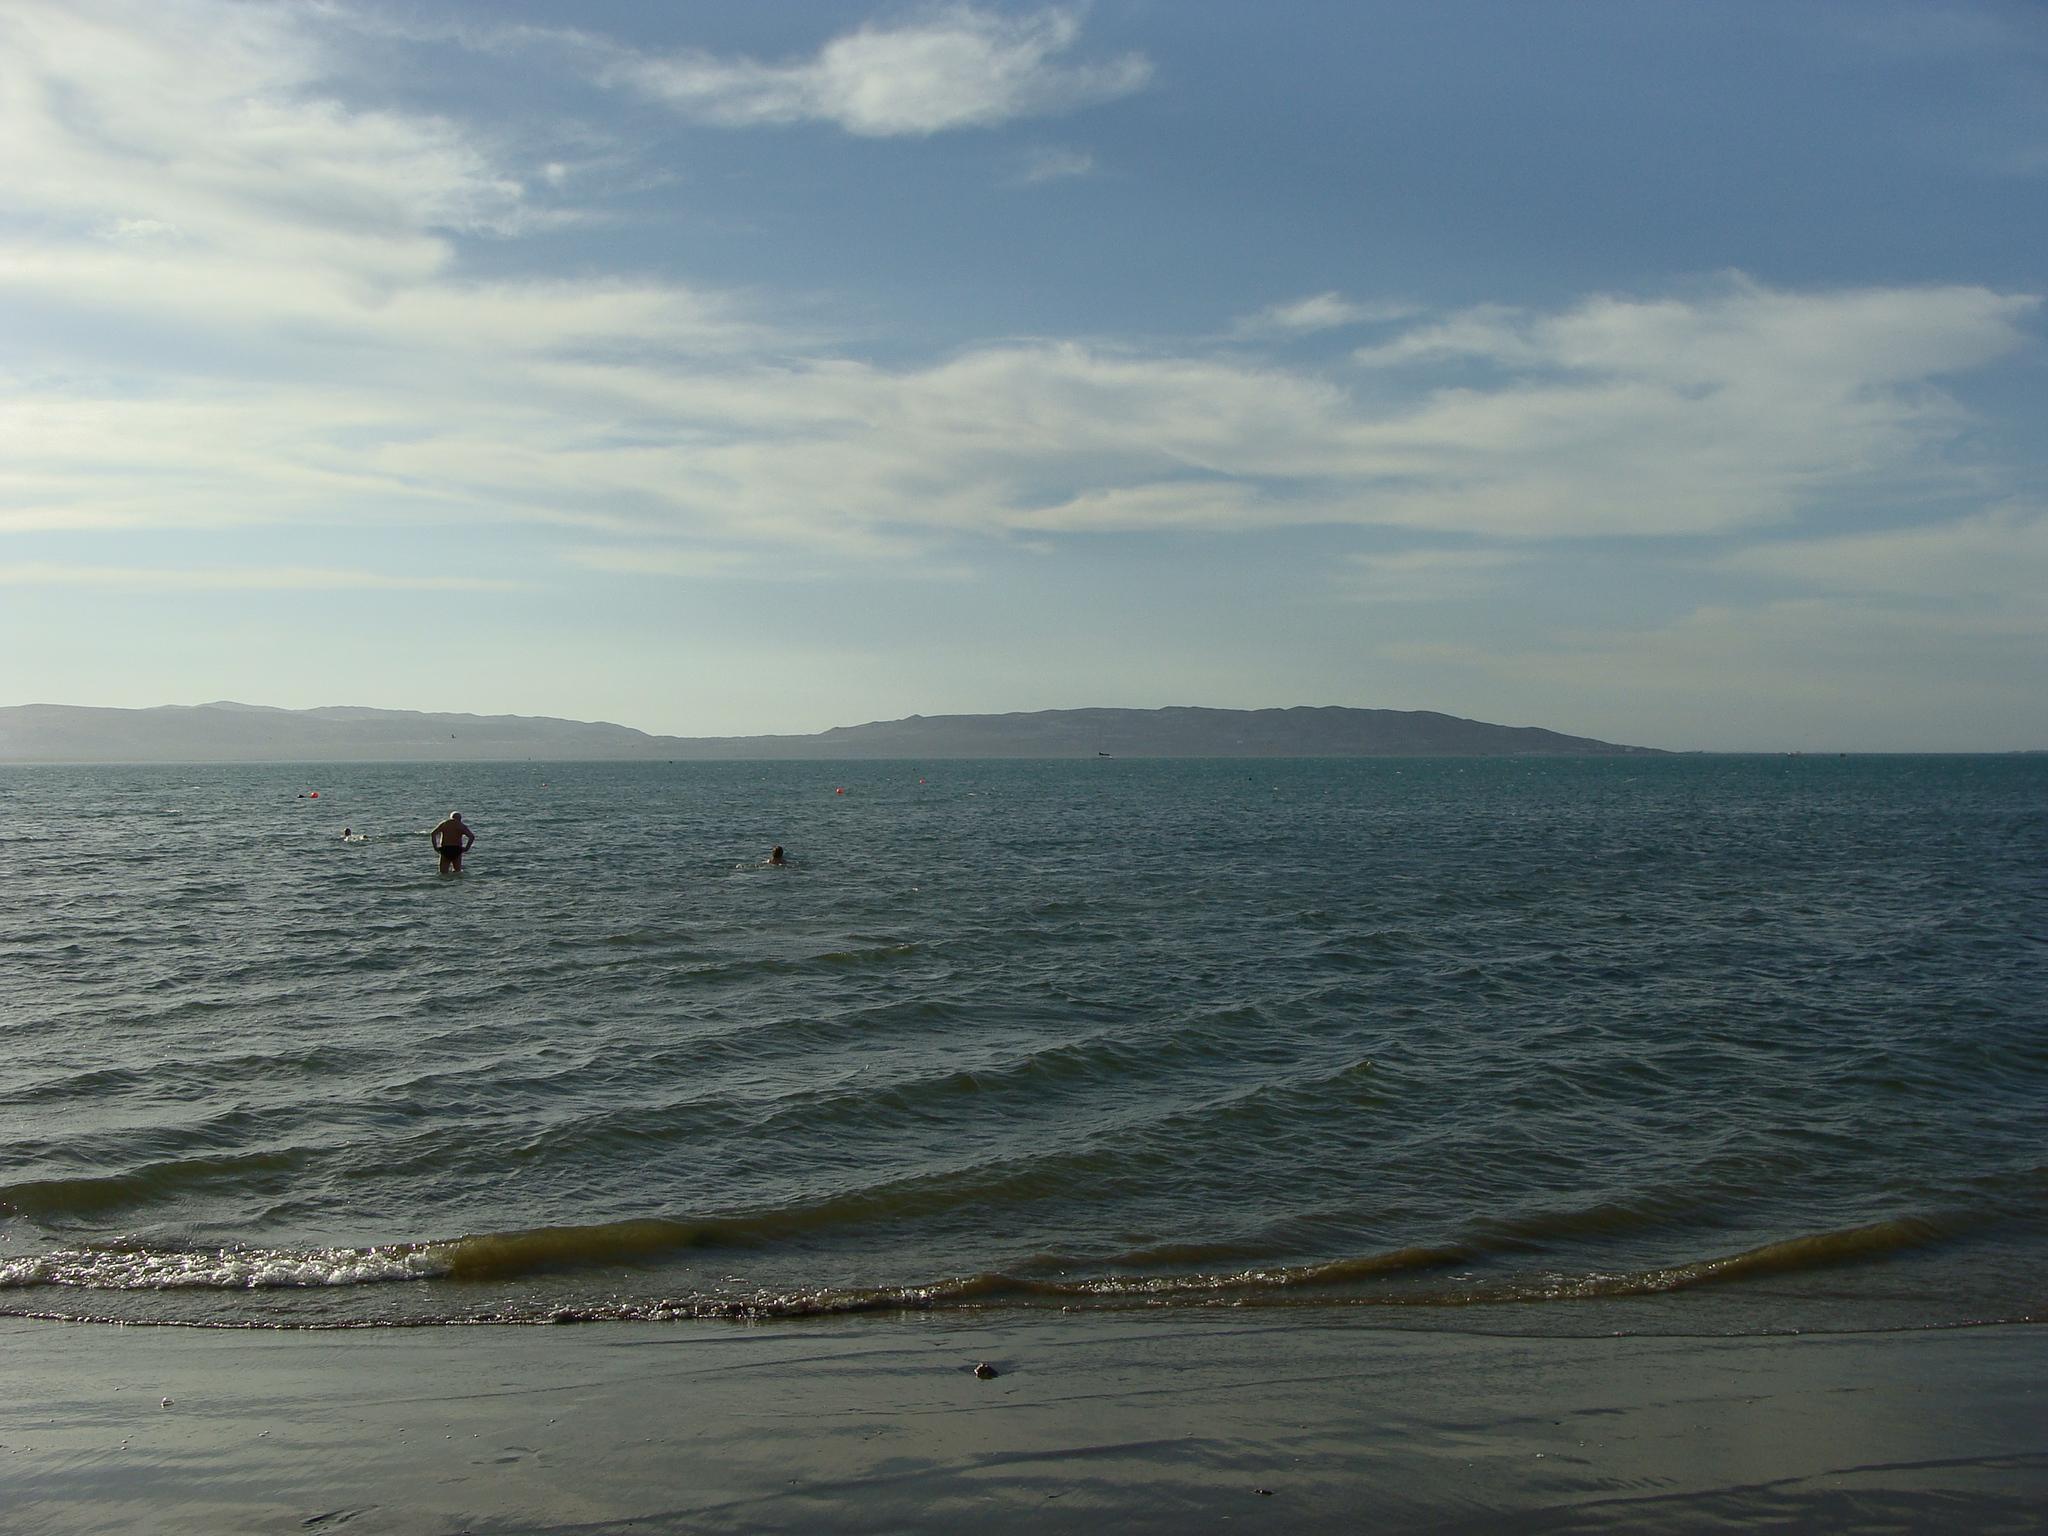 Paracas - pohled na Paracaský záliv 21. 2. 2011 17:07